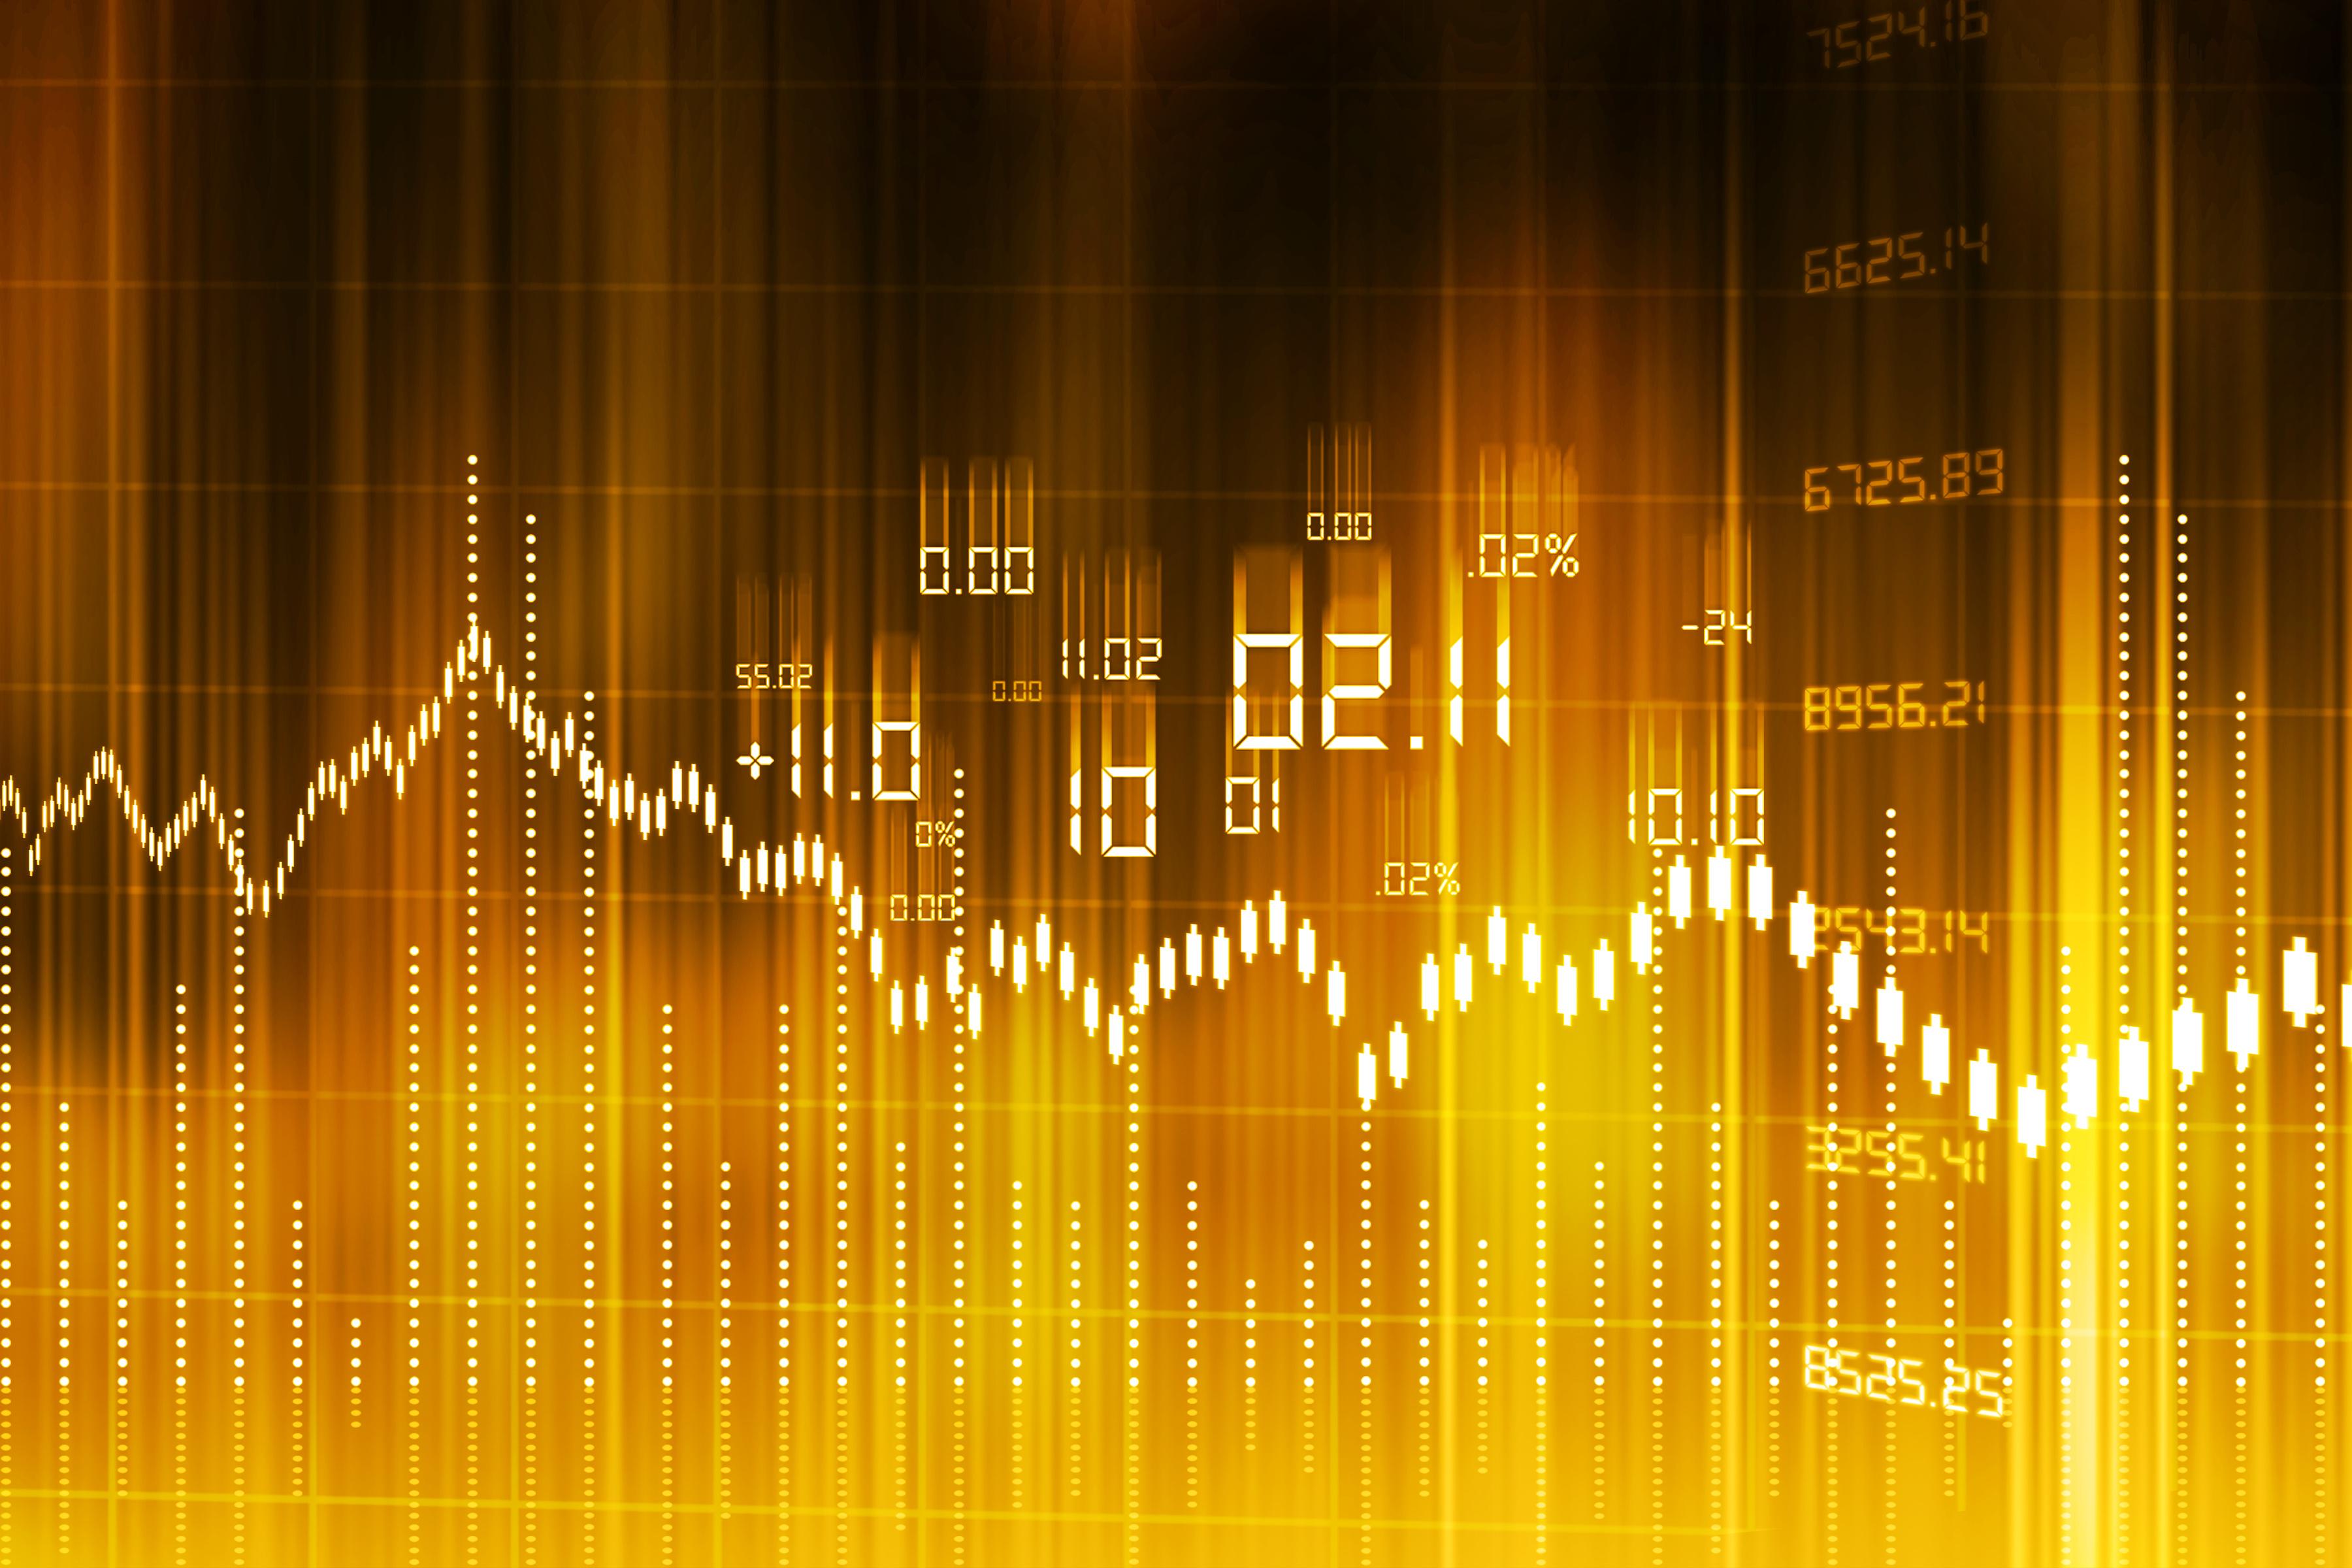 ¿Por qué varían los precios en la bolsa de valores?